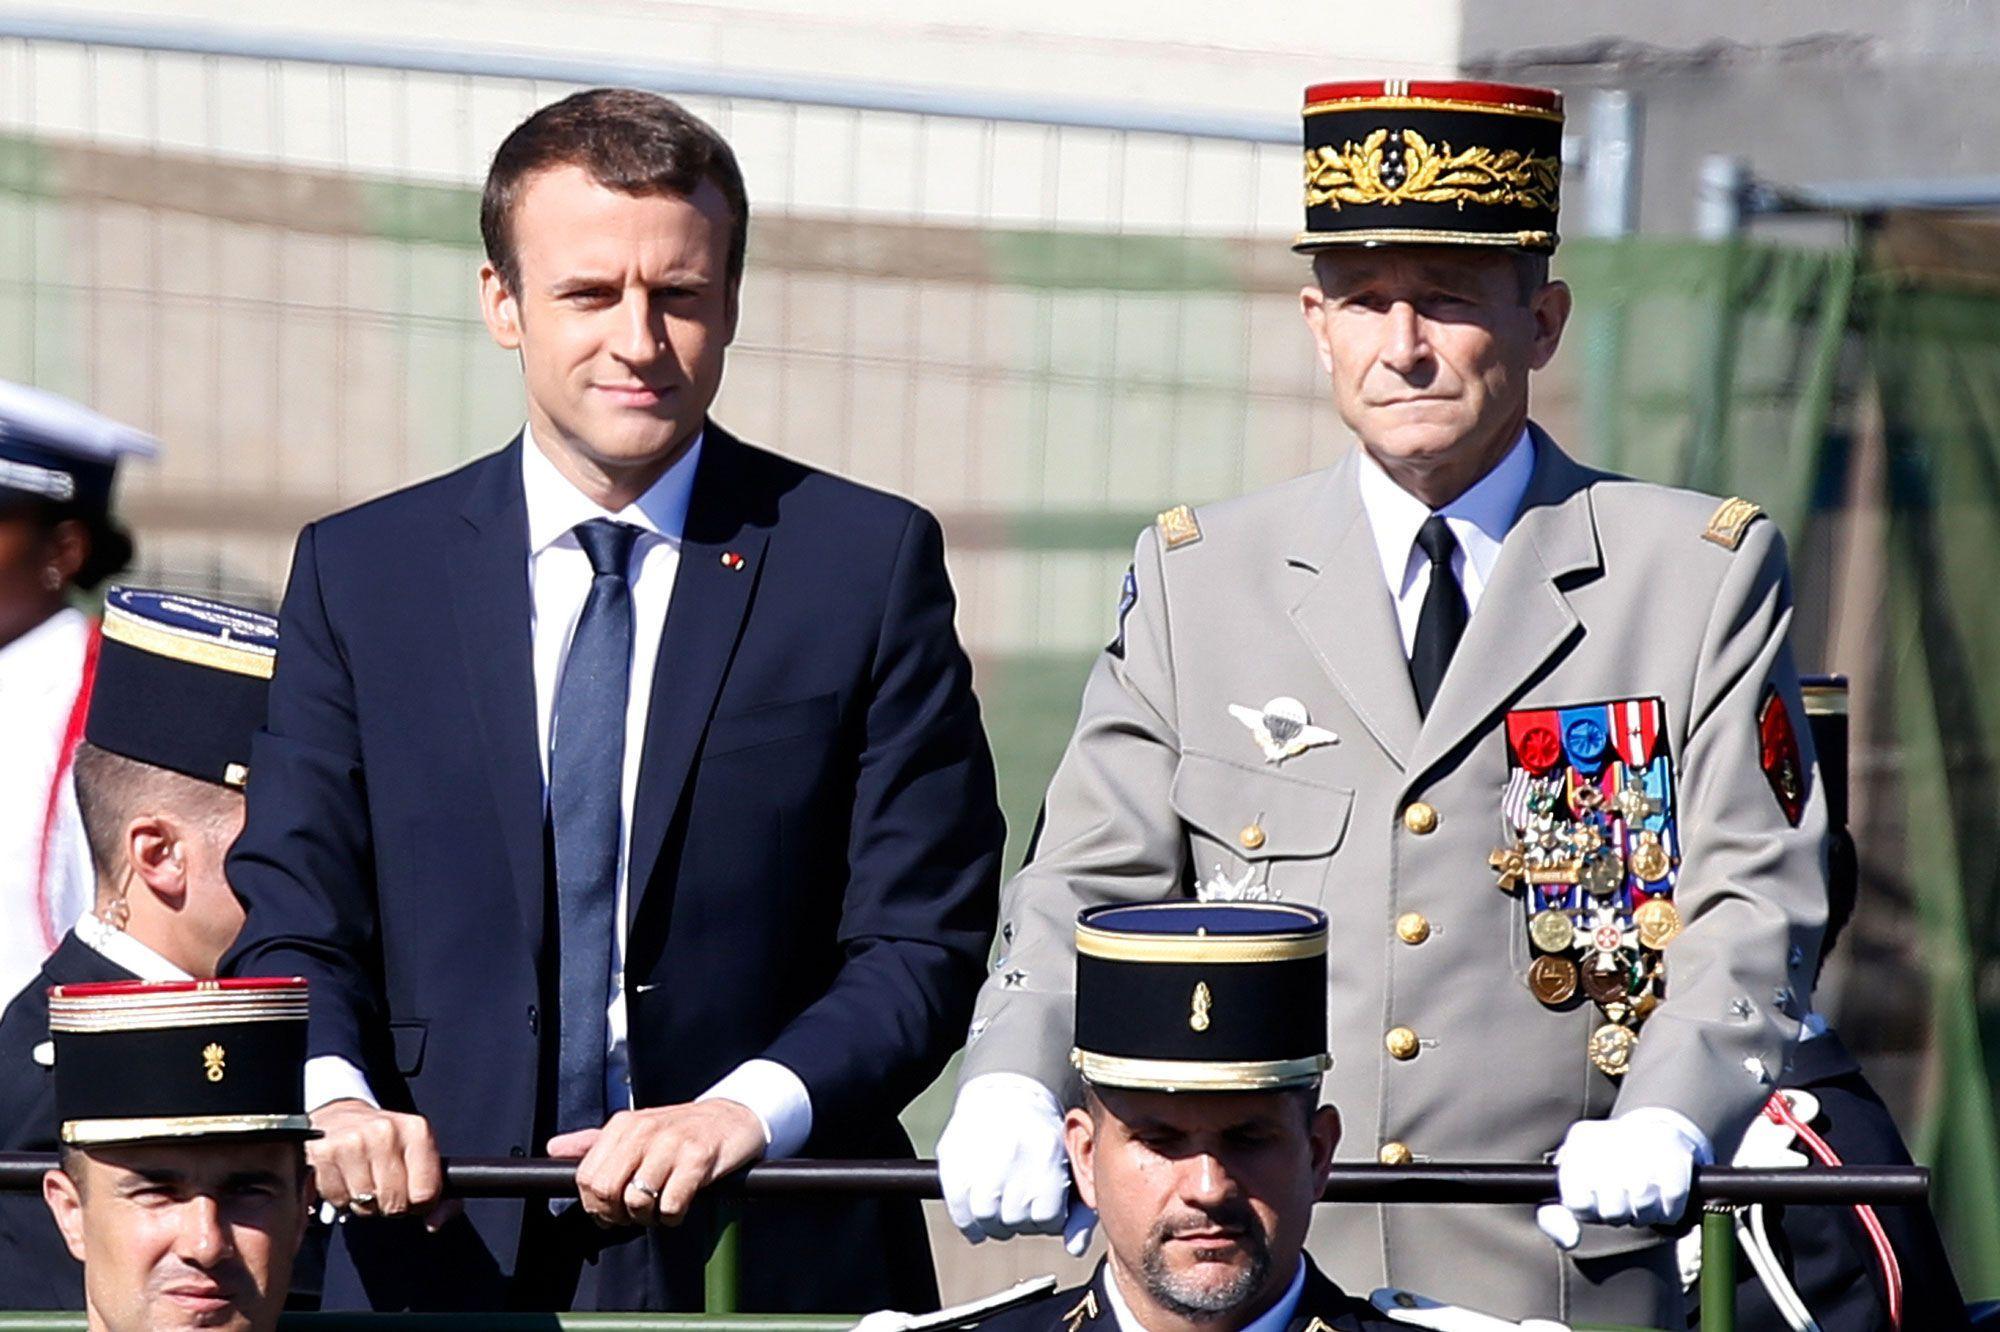 Le-general-Pierre-de-Villiers-critique-Emmanuel-Macron